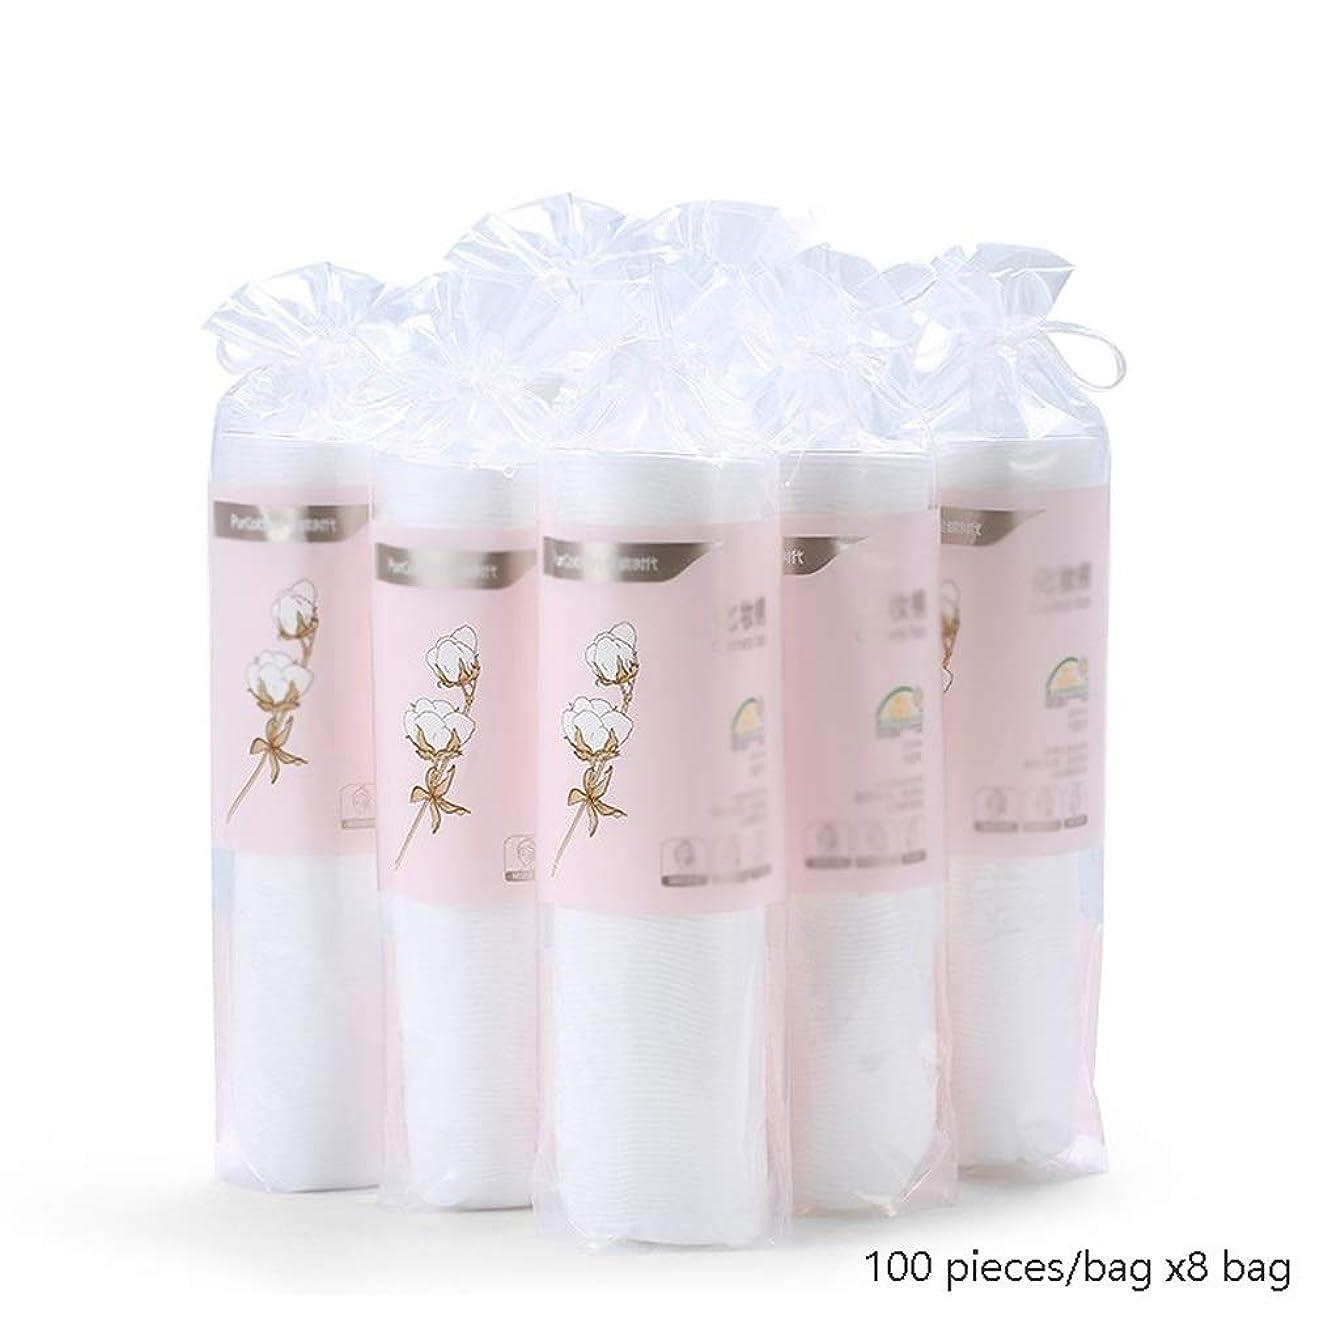 非難するヒロイックパニッククレンジングシート 100個/袋* 8袋ラウンドコットンコットンメイク落としコットン厚手両面コットンパッド (Color : White)